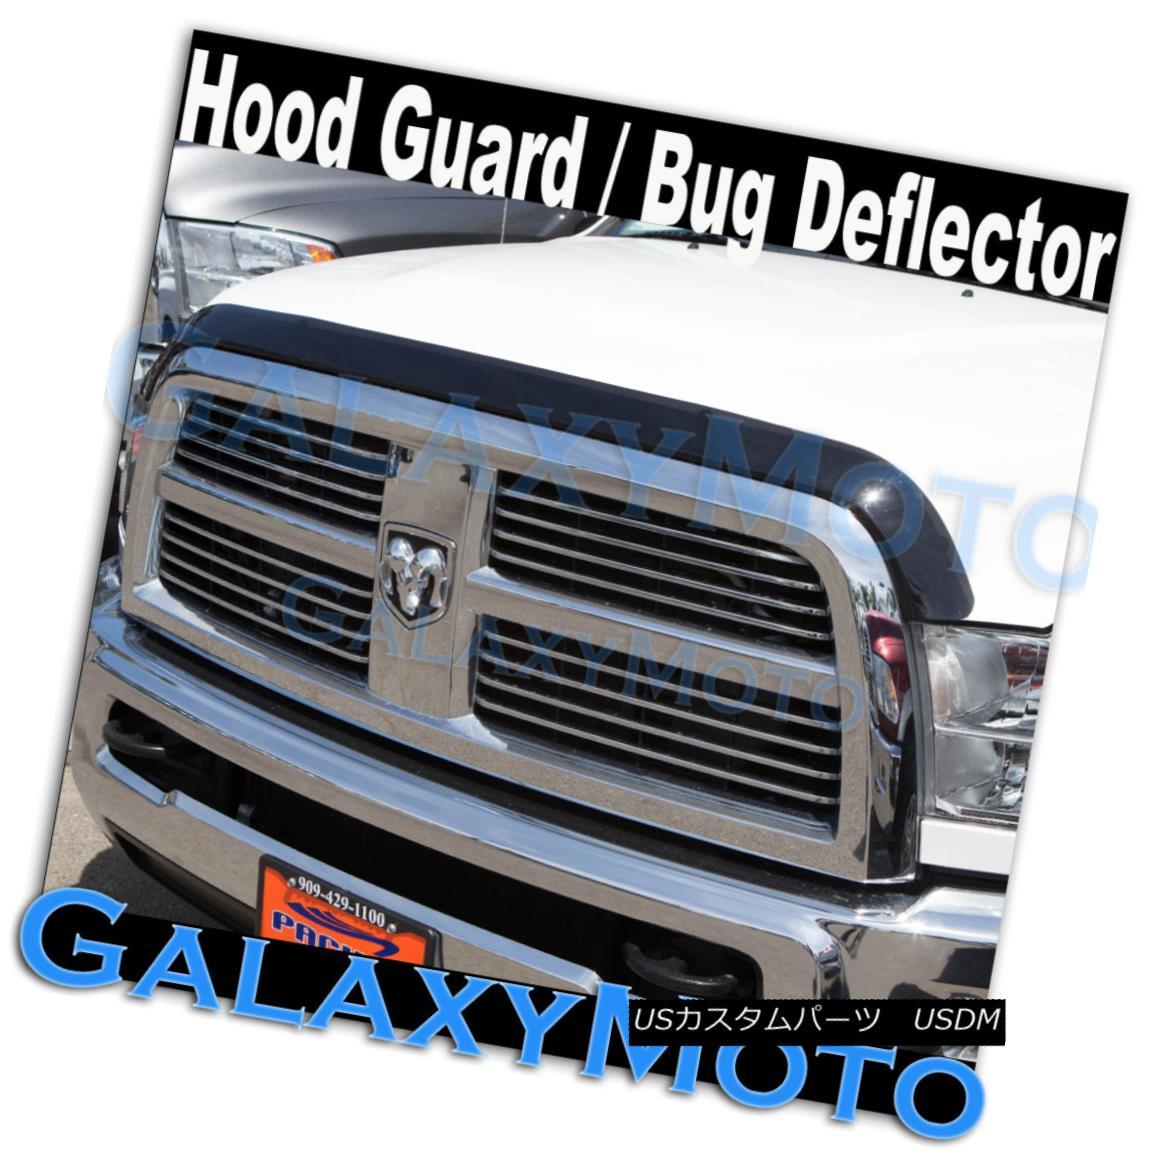 グリル 10-15 Dodge Ram Heavy Duty Smoke Black Hood Shield Grille Guard Bug Deflector 10-15ダッジラムヘビーデューティスモークブラックフードシールドグリルガードバグデフレクター